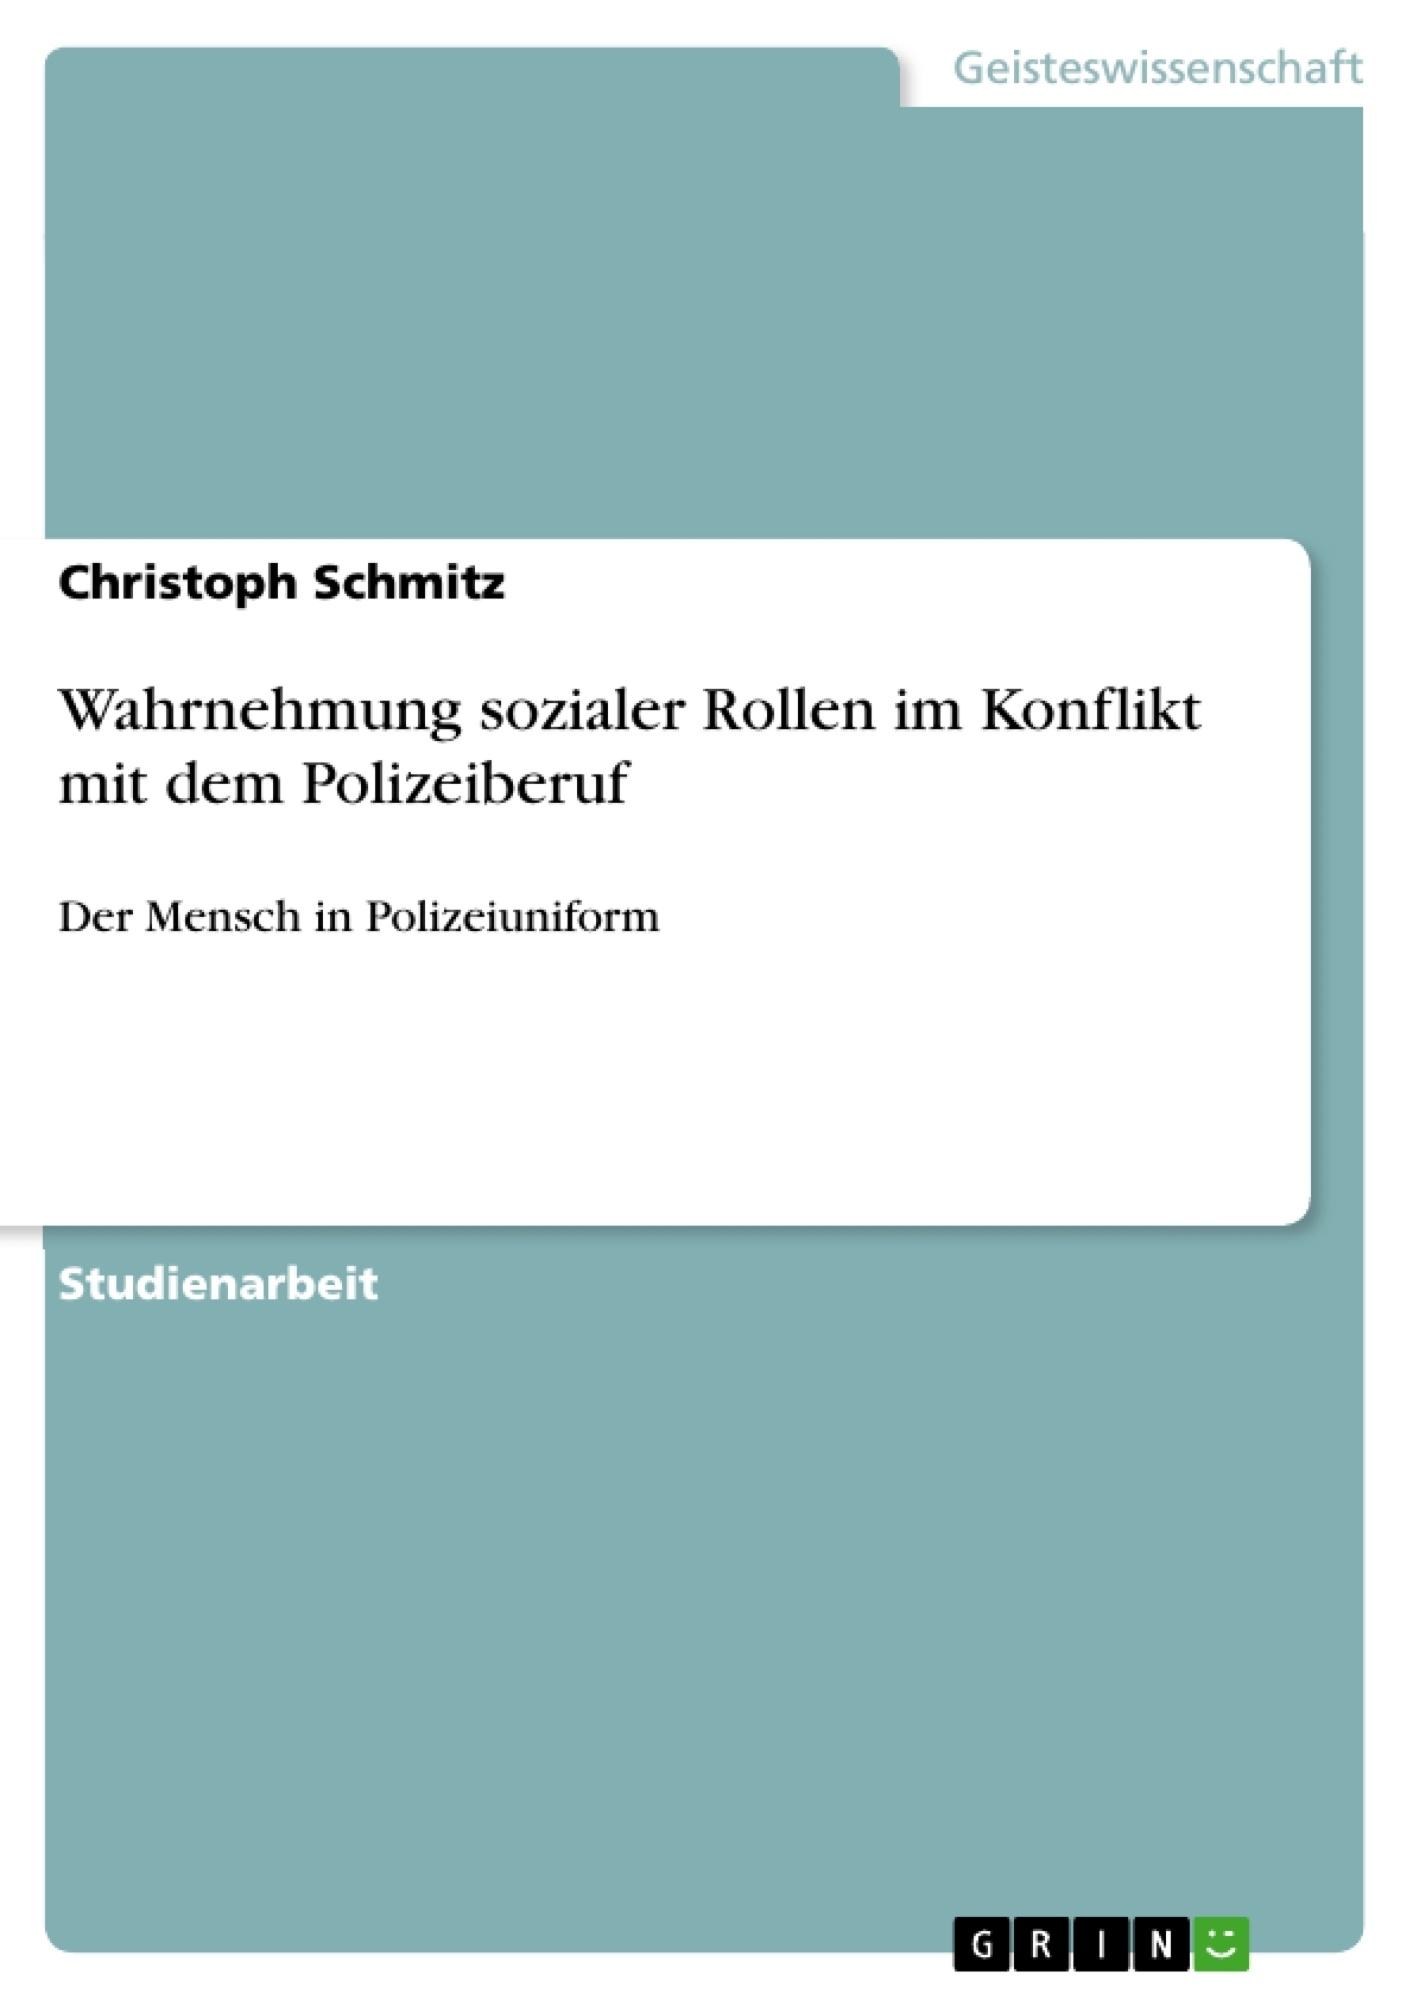 Titel: Wahrnehmung sozialer Rollen im Konflikt mit dem Polizeiberuf